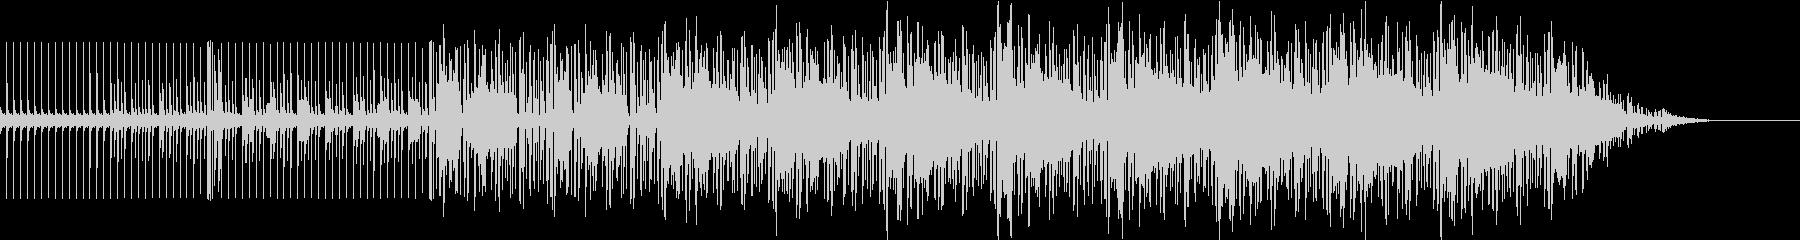 重低音のダンスミュージックの未再生の波形